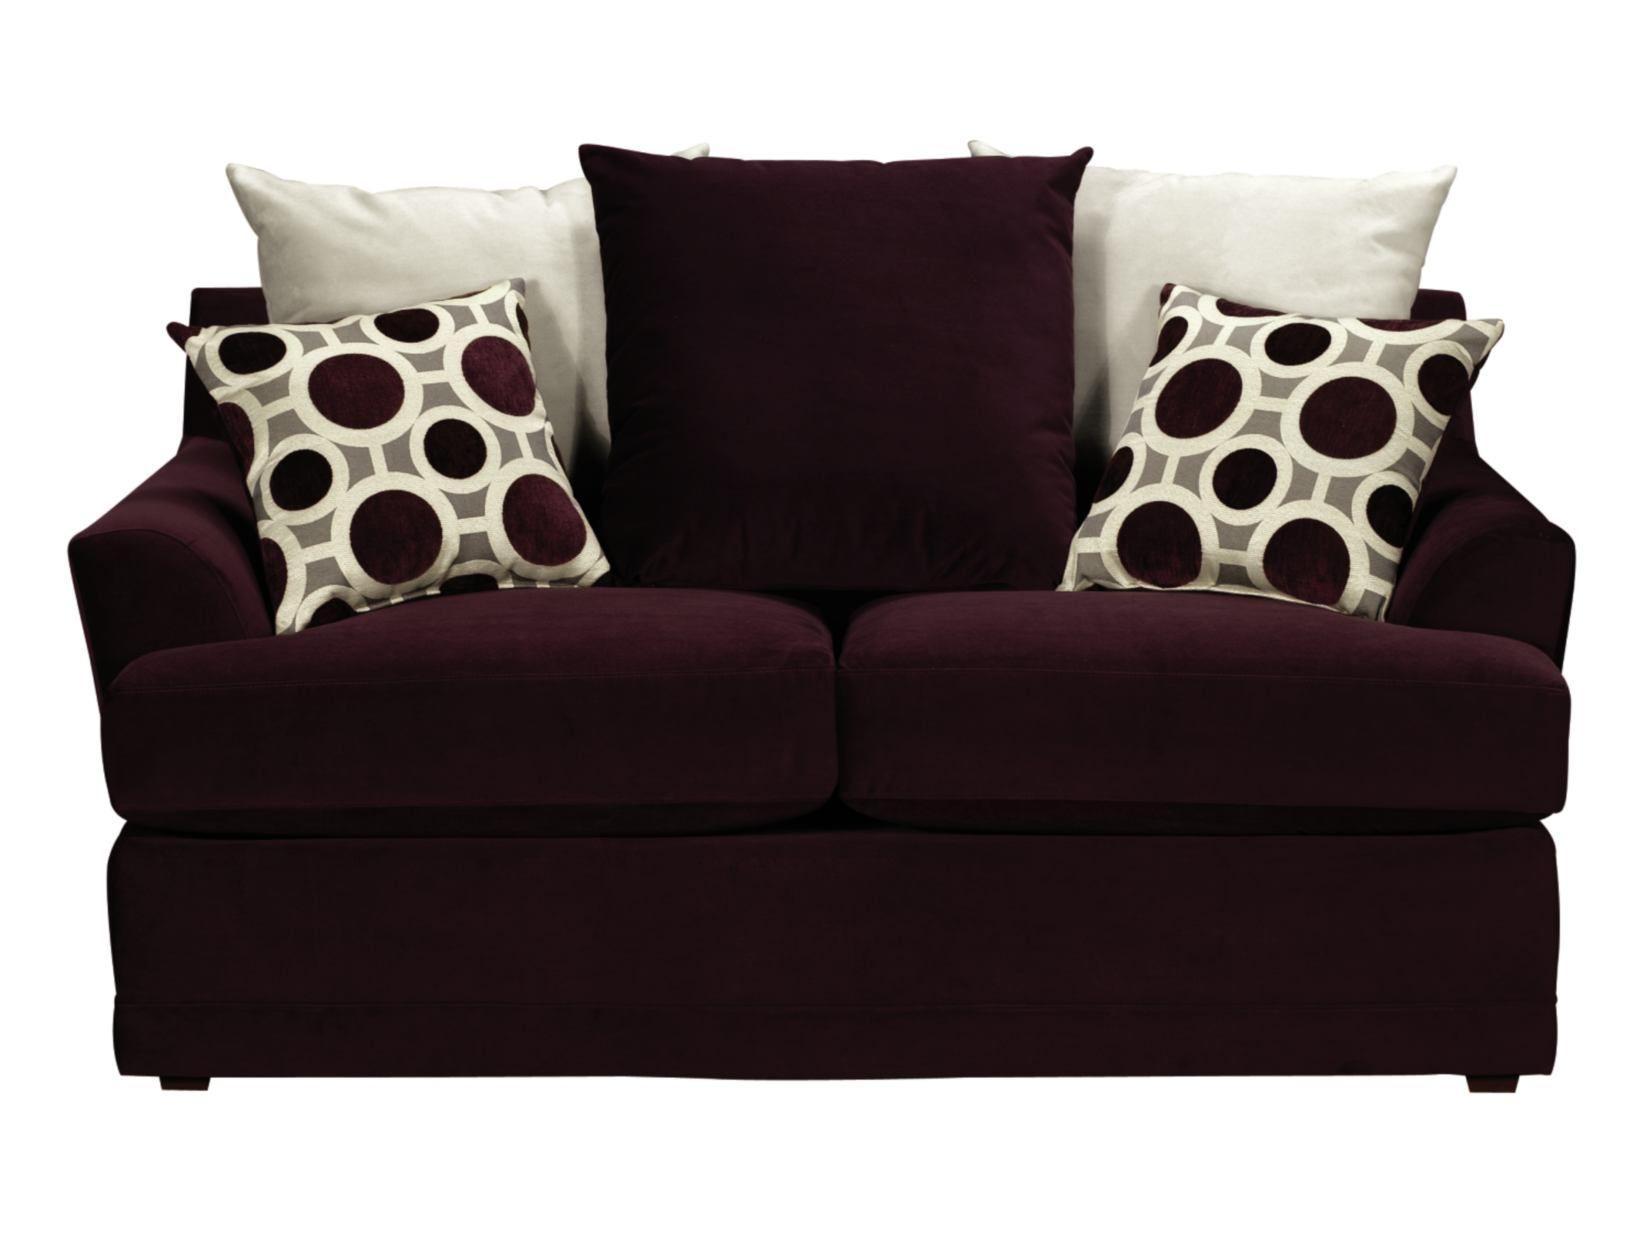 pin inspired studio baxton loveseat plum purple set sofa french upholstered flynn velvet and